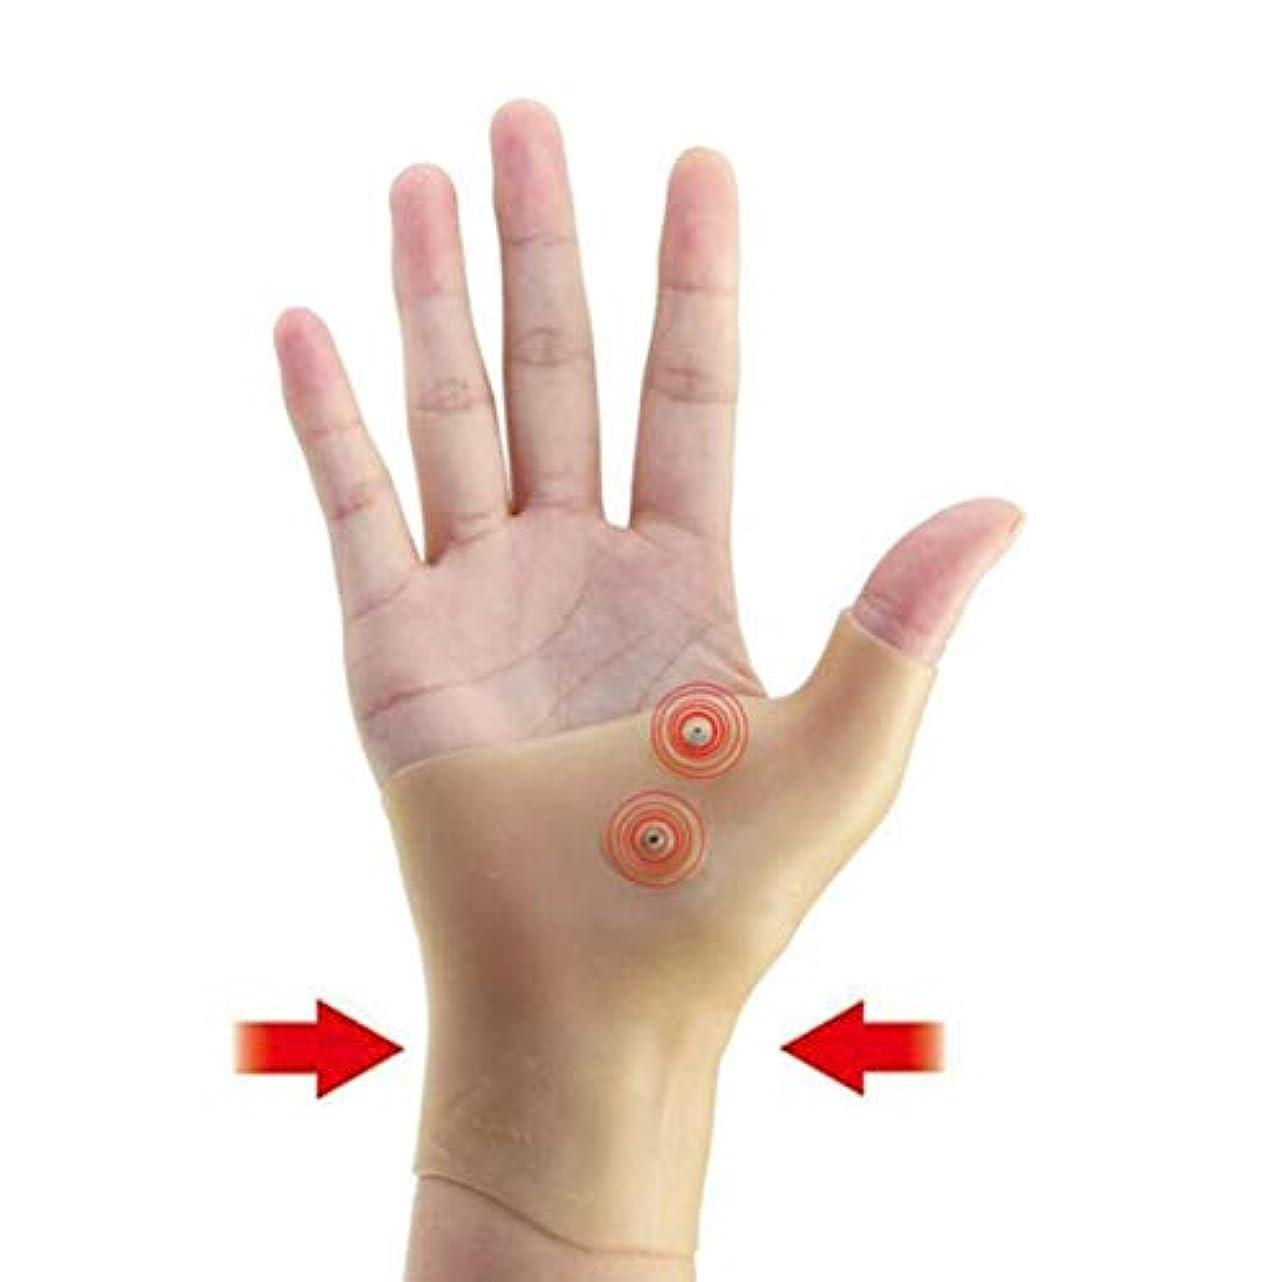 責任クライアント階段磁気療法手首手親指サポート手袋シリコーンゲル関節炎圧力矯正器マッサージ痛み緩和手袋 - 肌の色